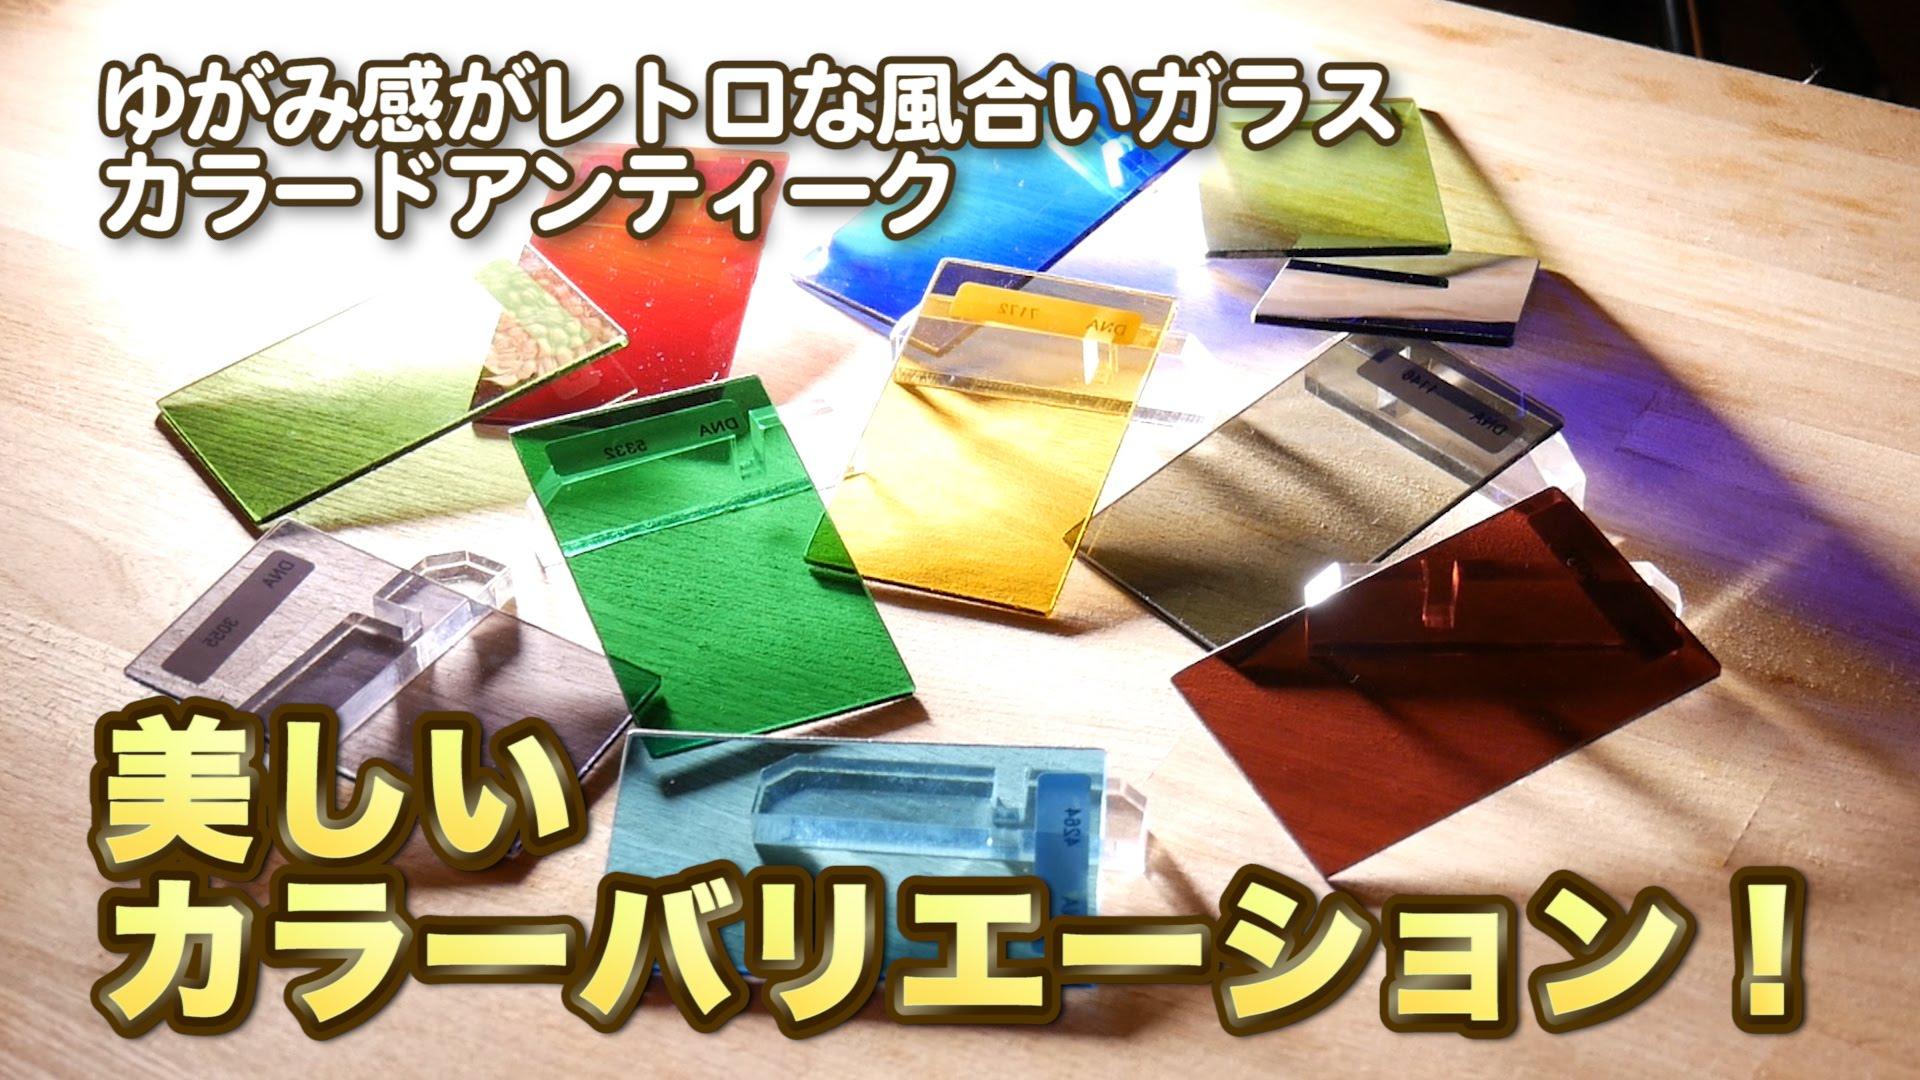 カラードアンティークの豊富な色彩を紹介